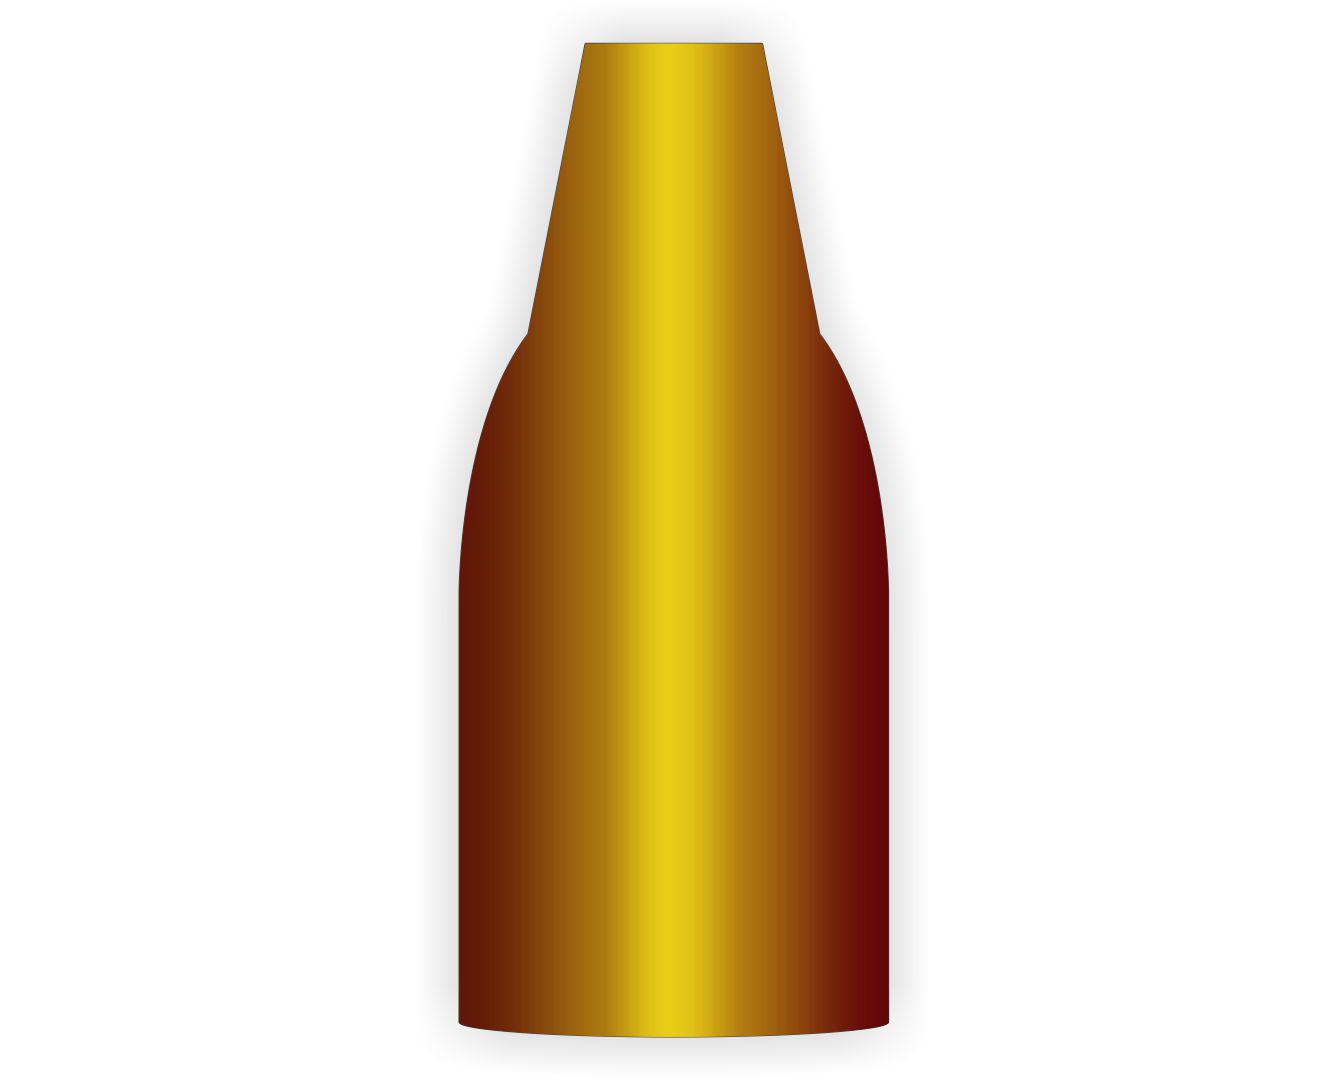 图1:金属瓶子